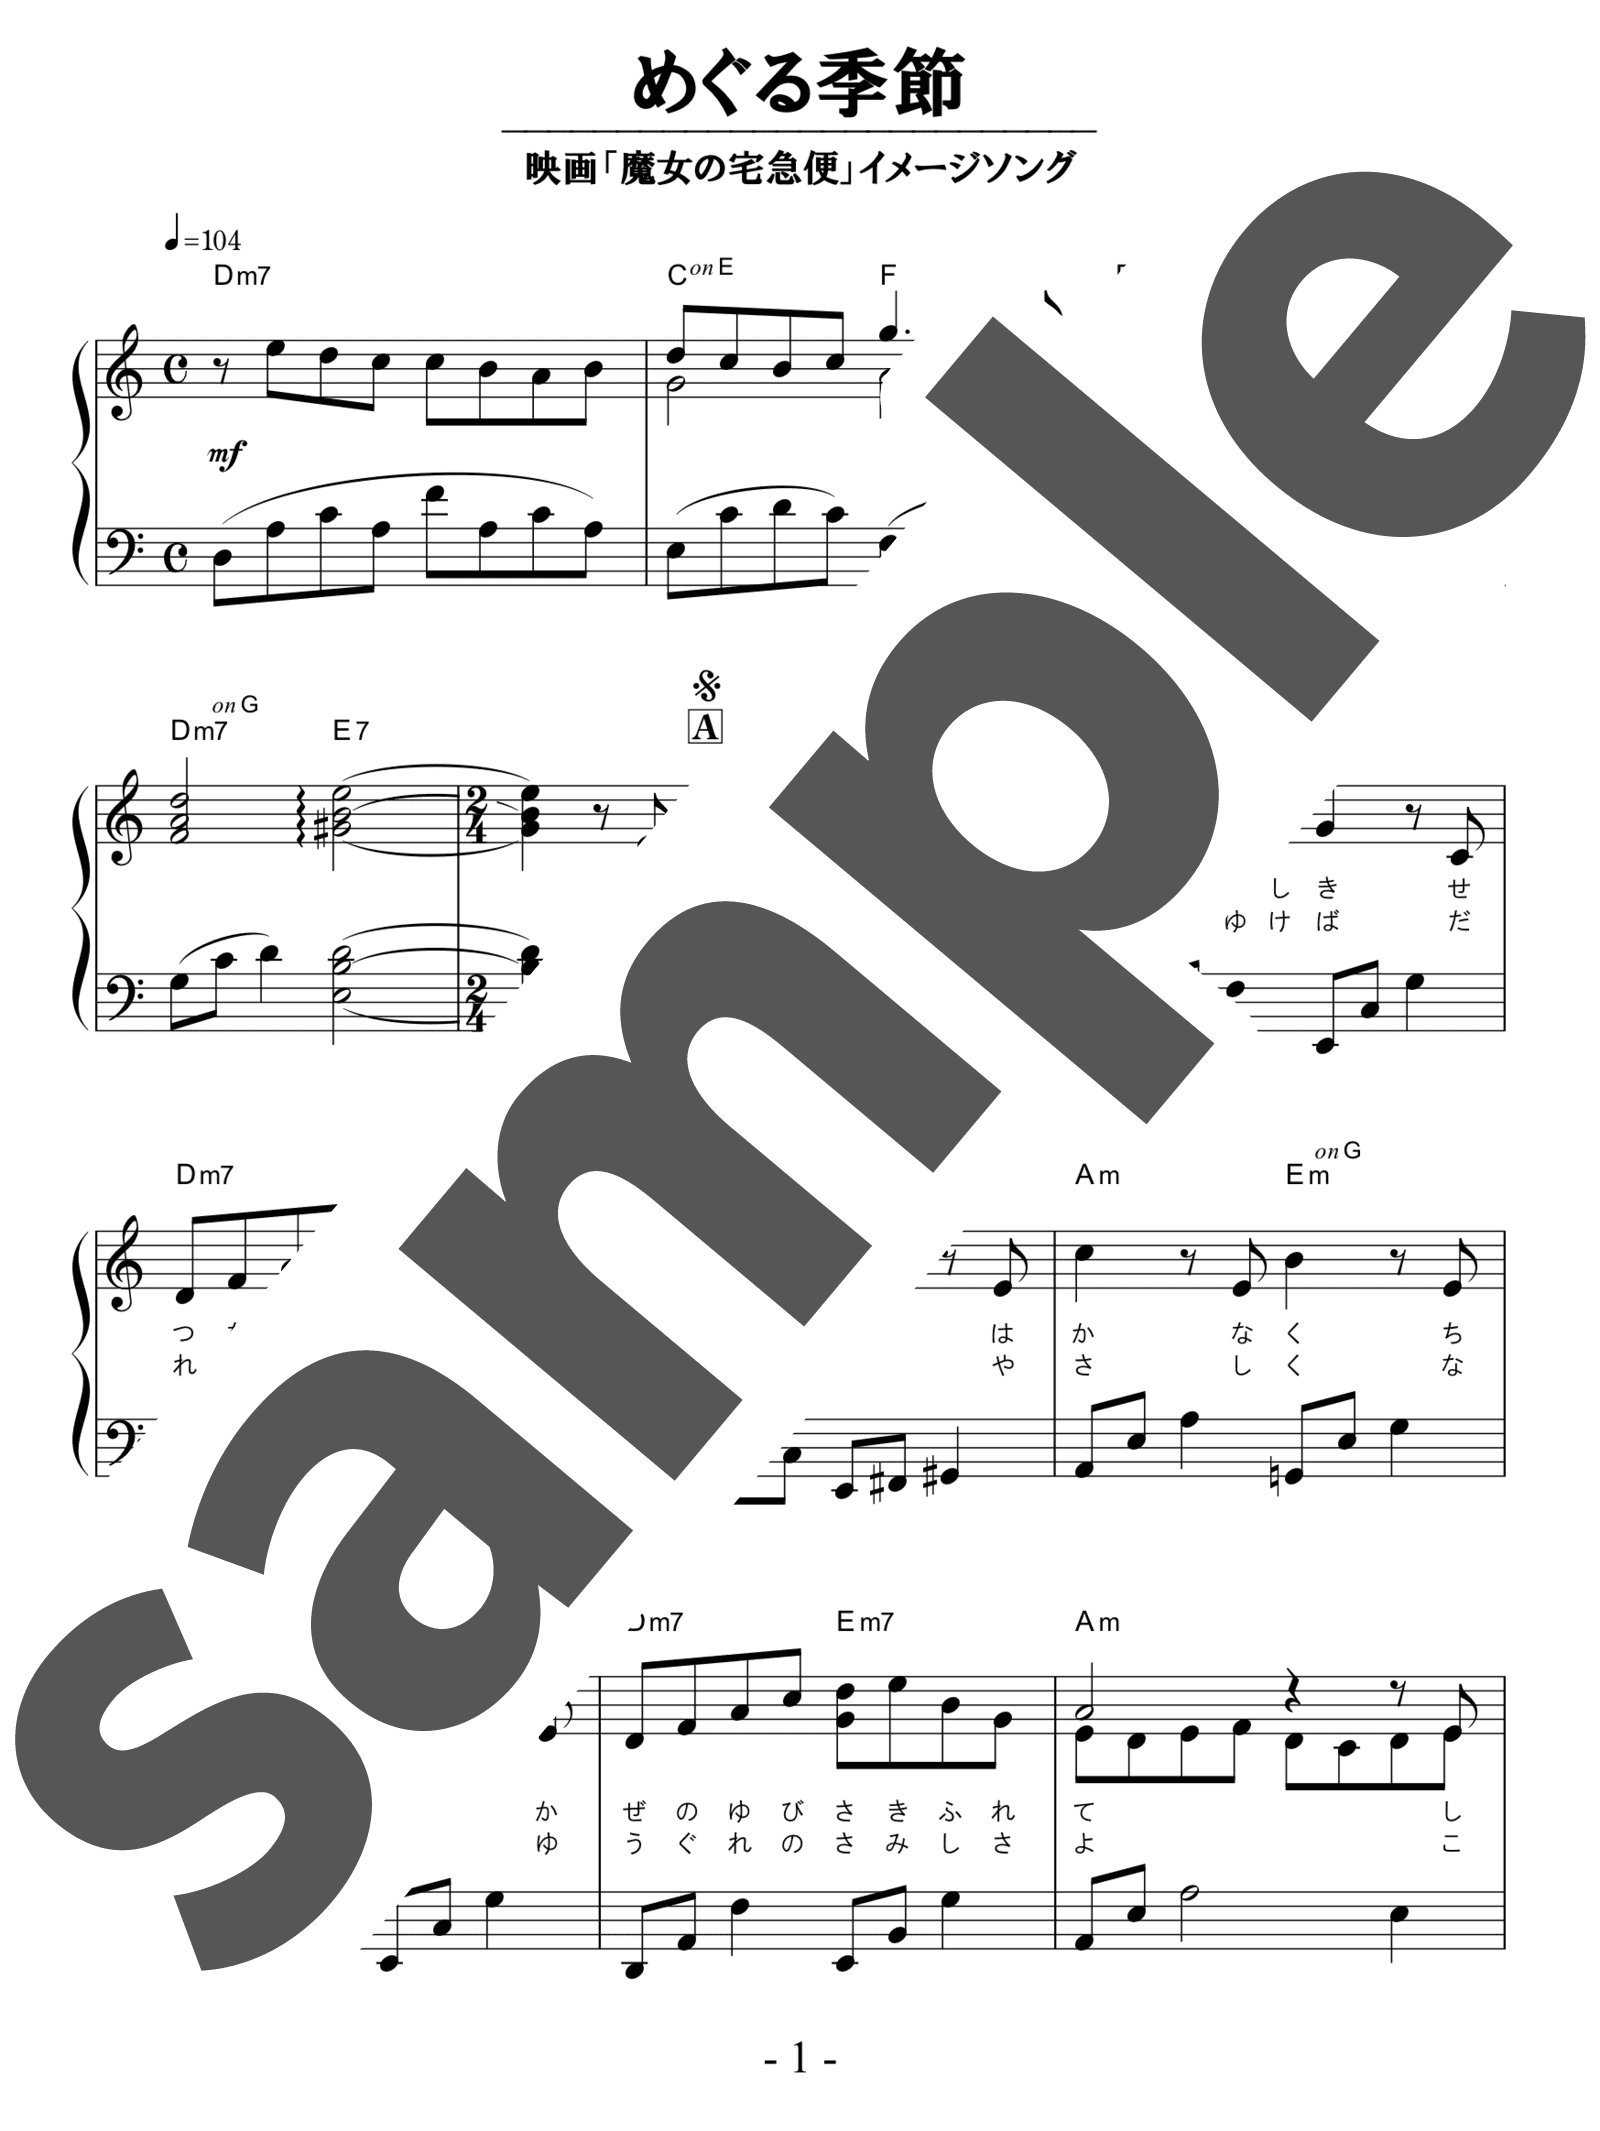 「めぐる季節」のサンプル楽譜